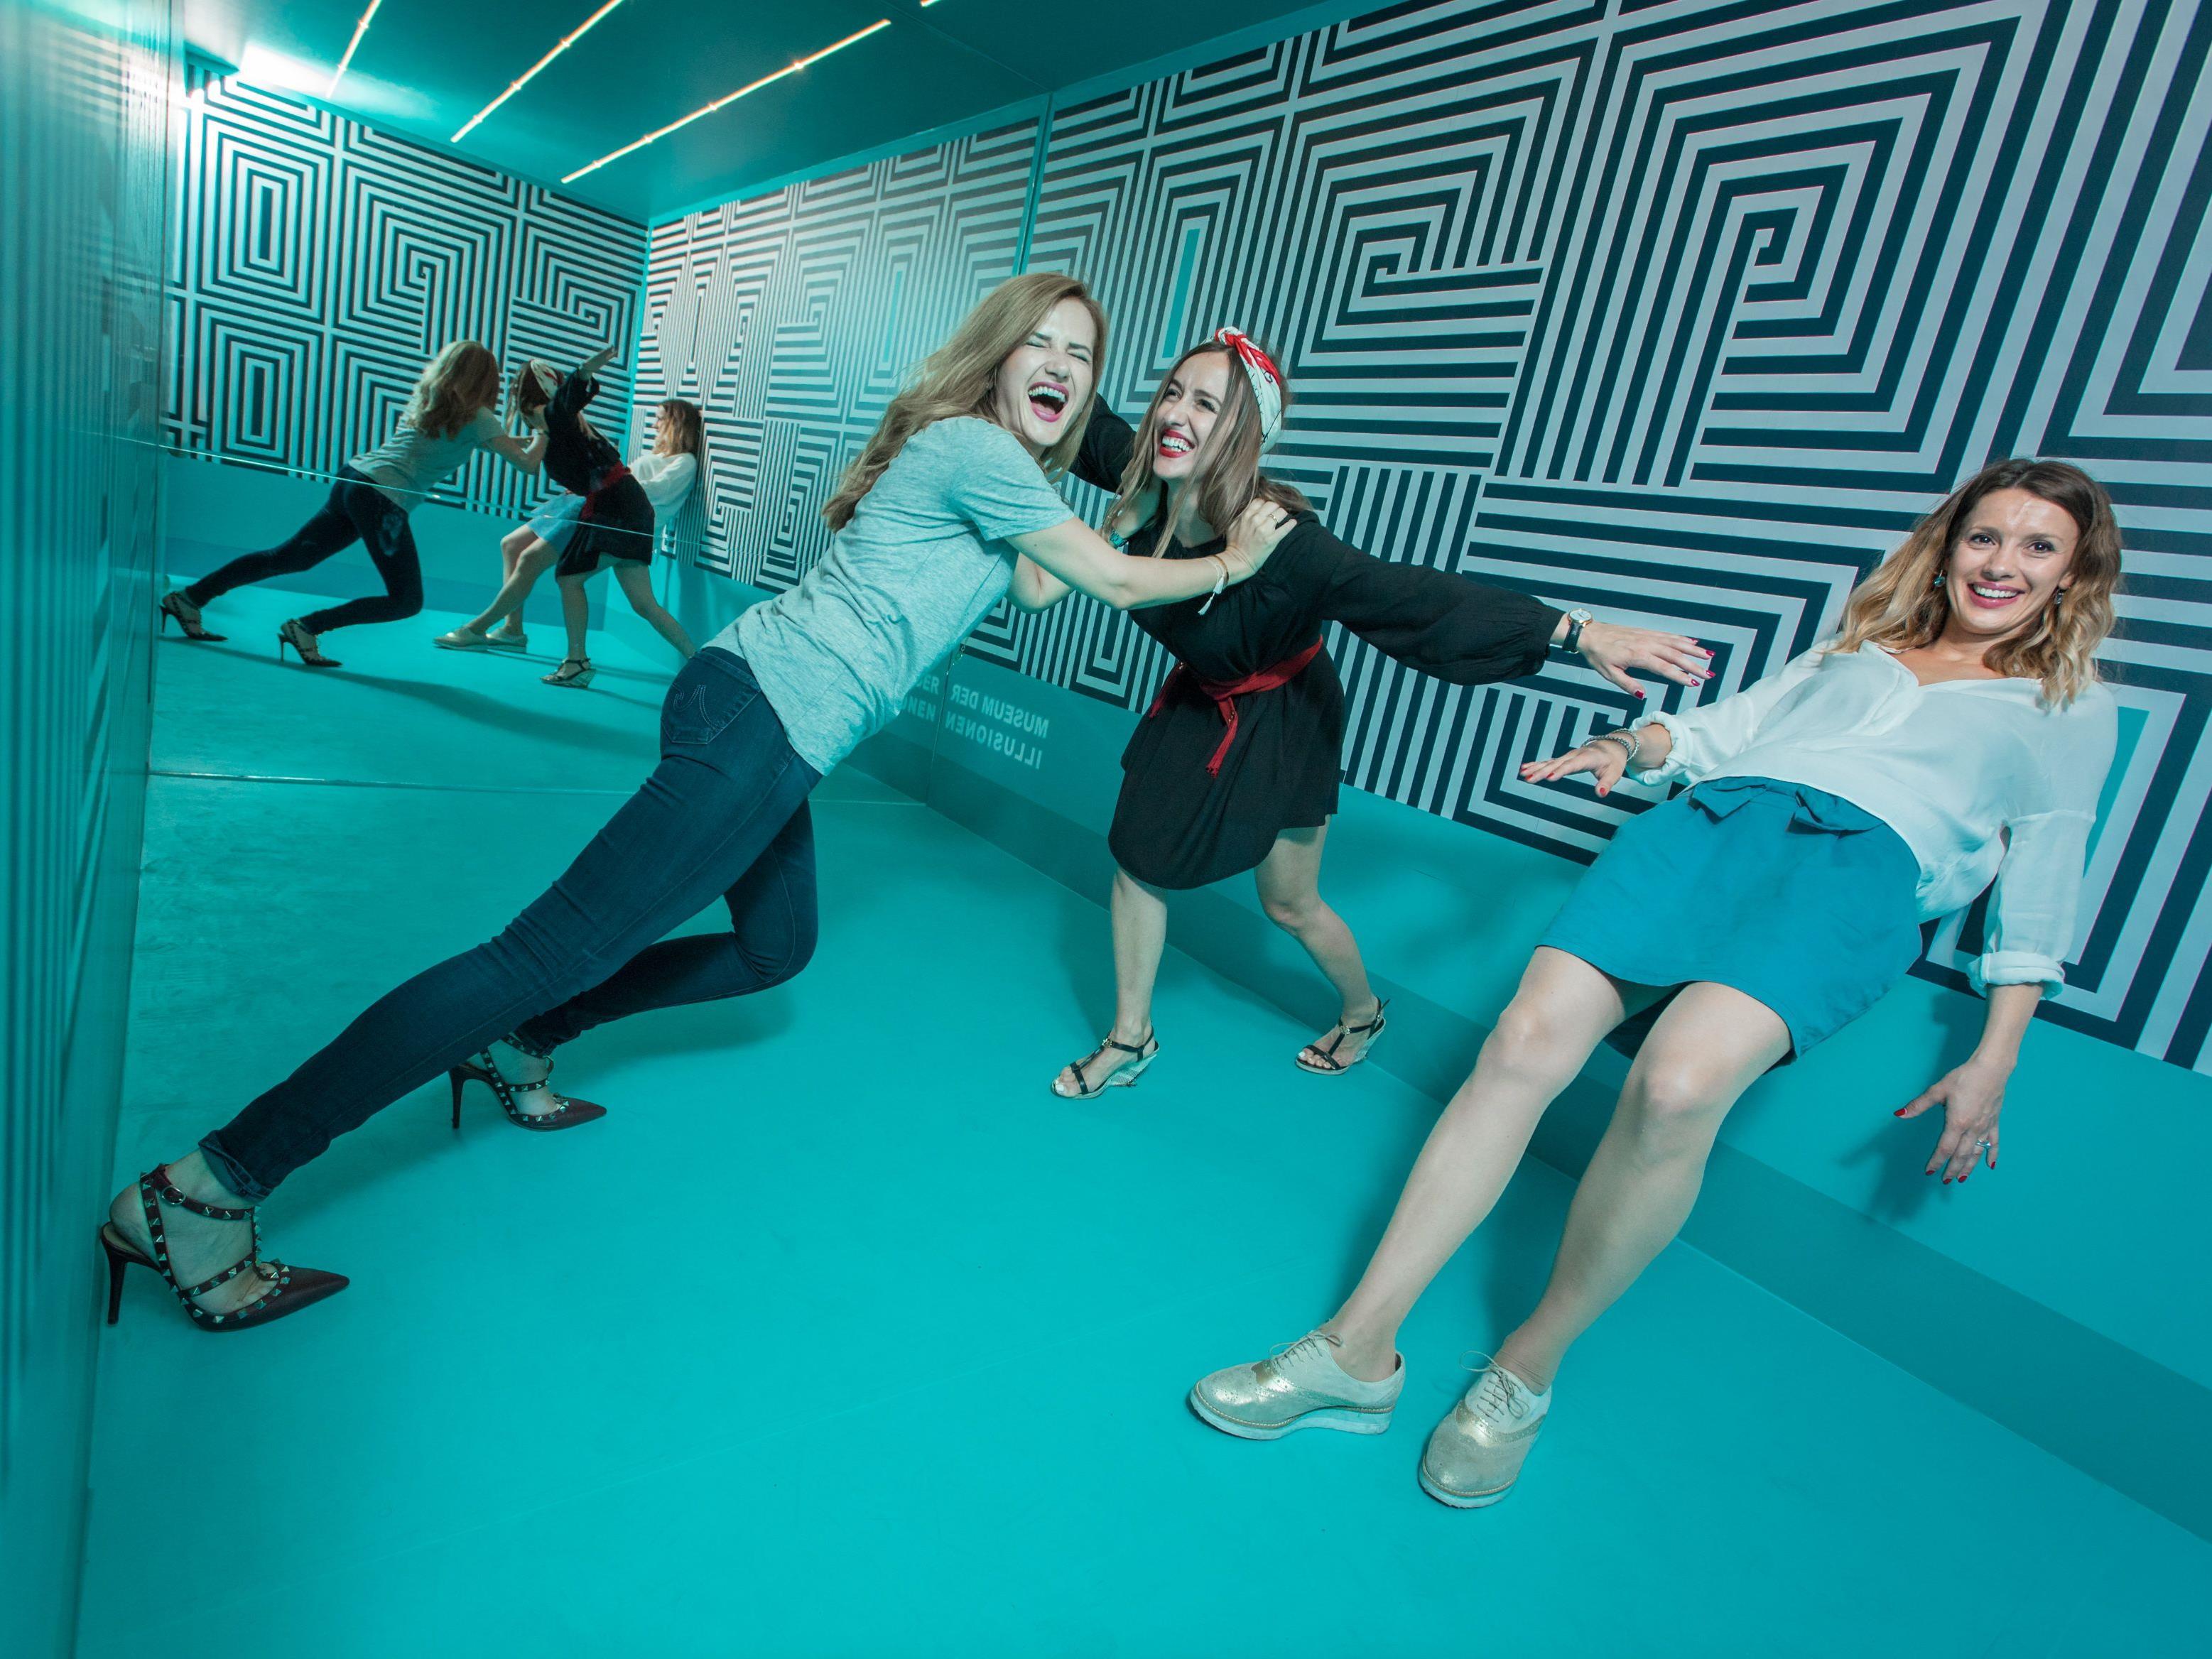 Das neue Wiener Museum bietet faszinierende Unterhaltung